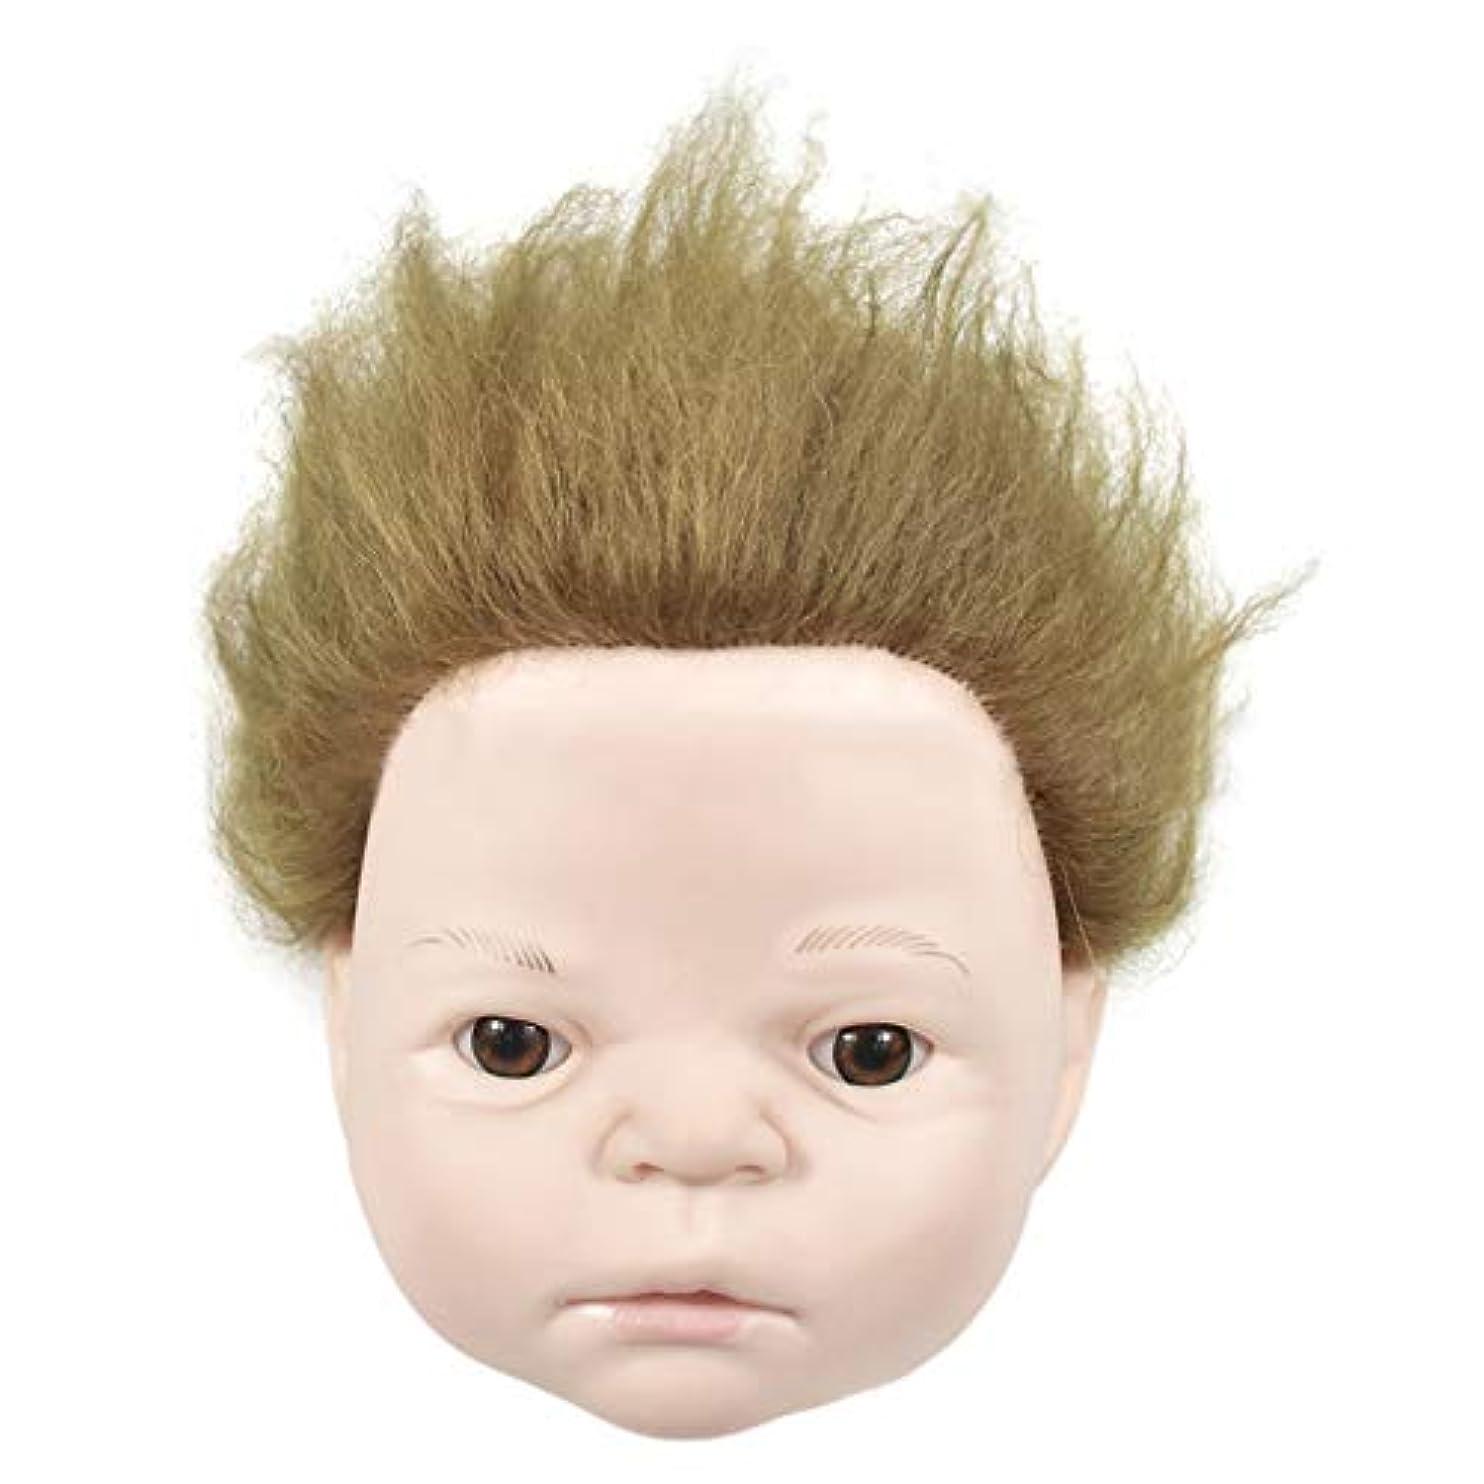 集団的非武装化フランクワースリー練習理髪散髪ヘッドモデルリアルヘアドールヘッド形状教育ヘッドサロン教育学習マネキンヘッド